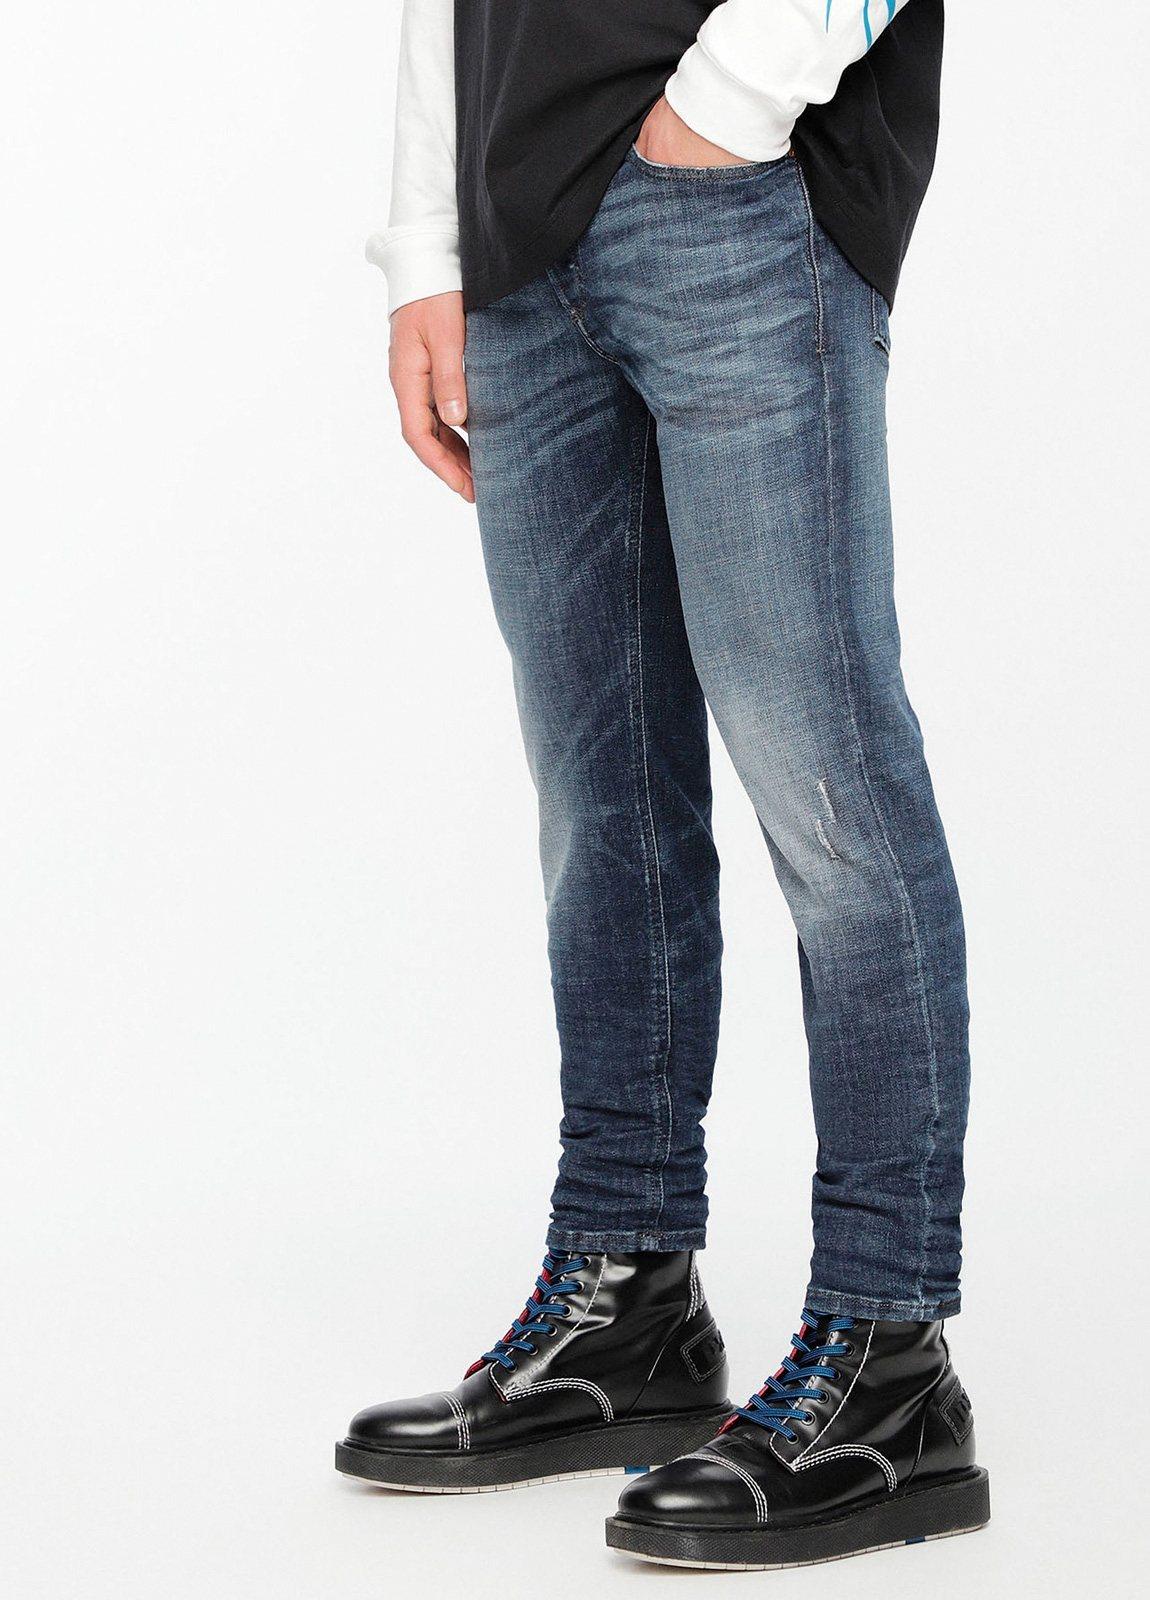 Pantalón tejano skinny modelo SLEENKER color azul lavado. 95% Algodón 3% Poliéster 2% Elastáno. - Ítem1